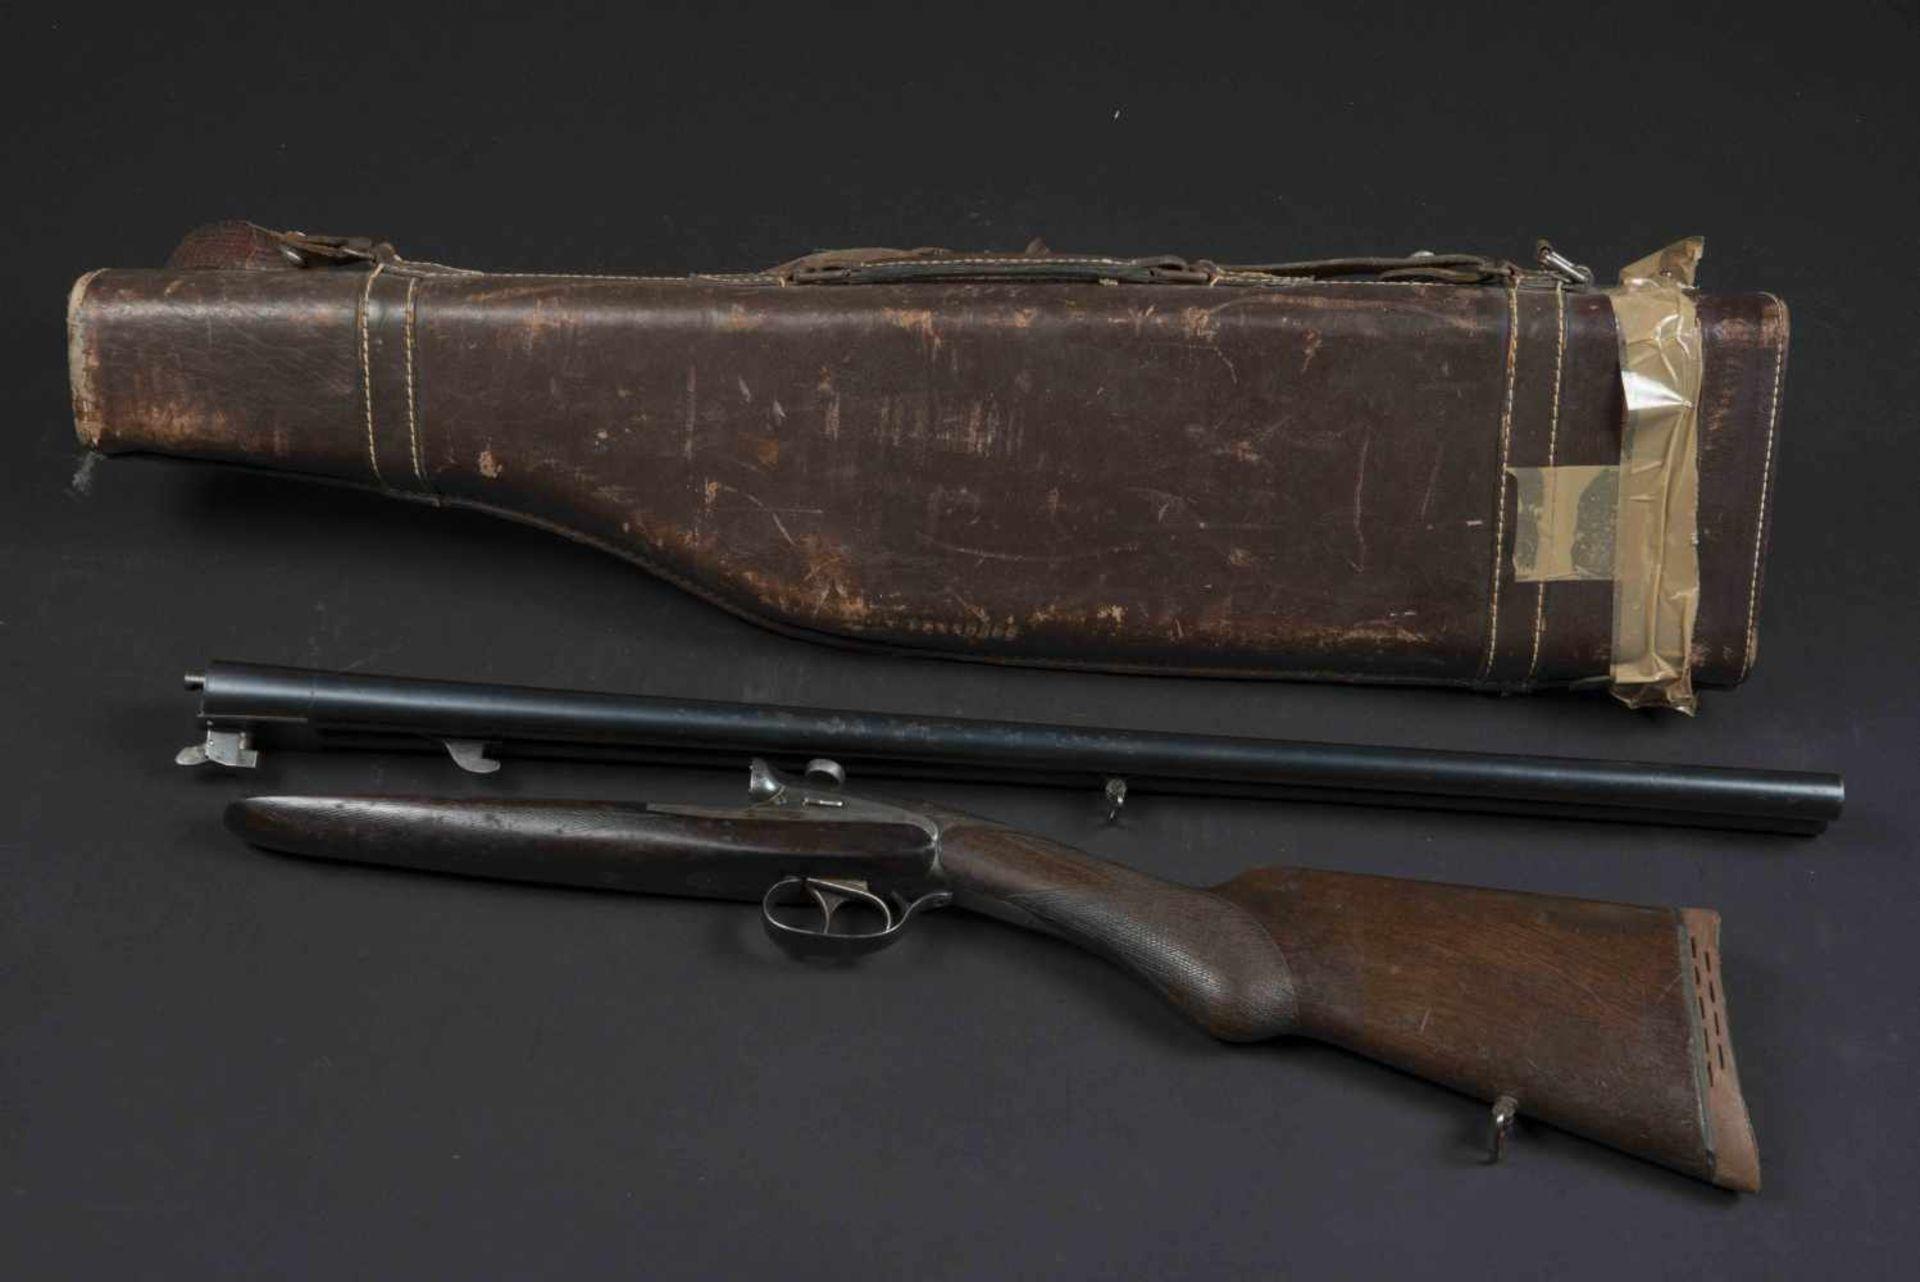 Fusil de chasse Darne Catégorie C Darne type 10, plaque de couche en caoutchouc, numéro E 187.